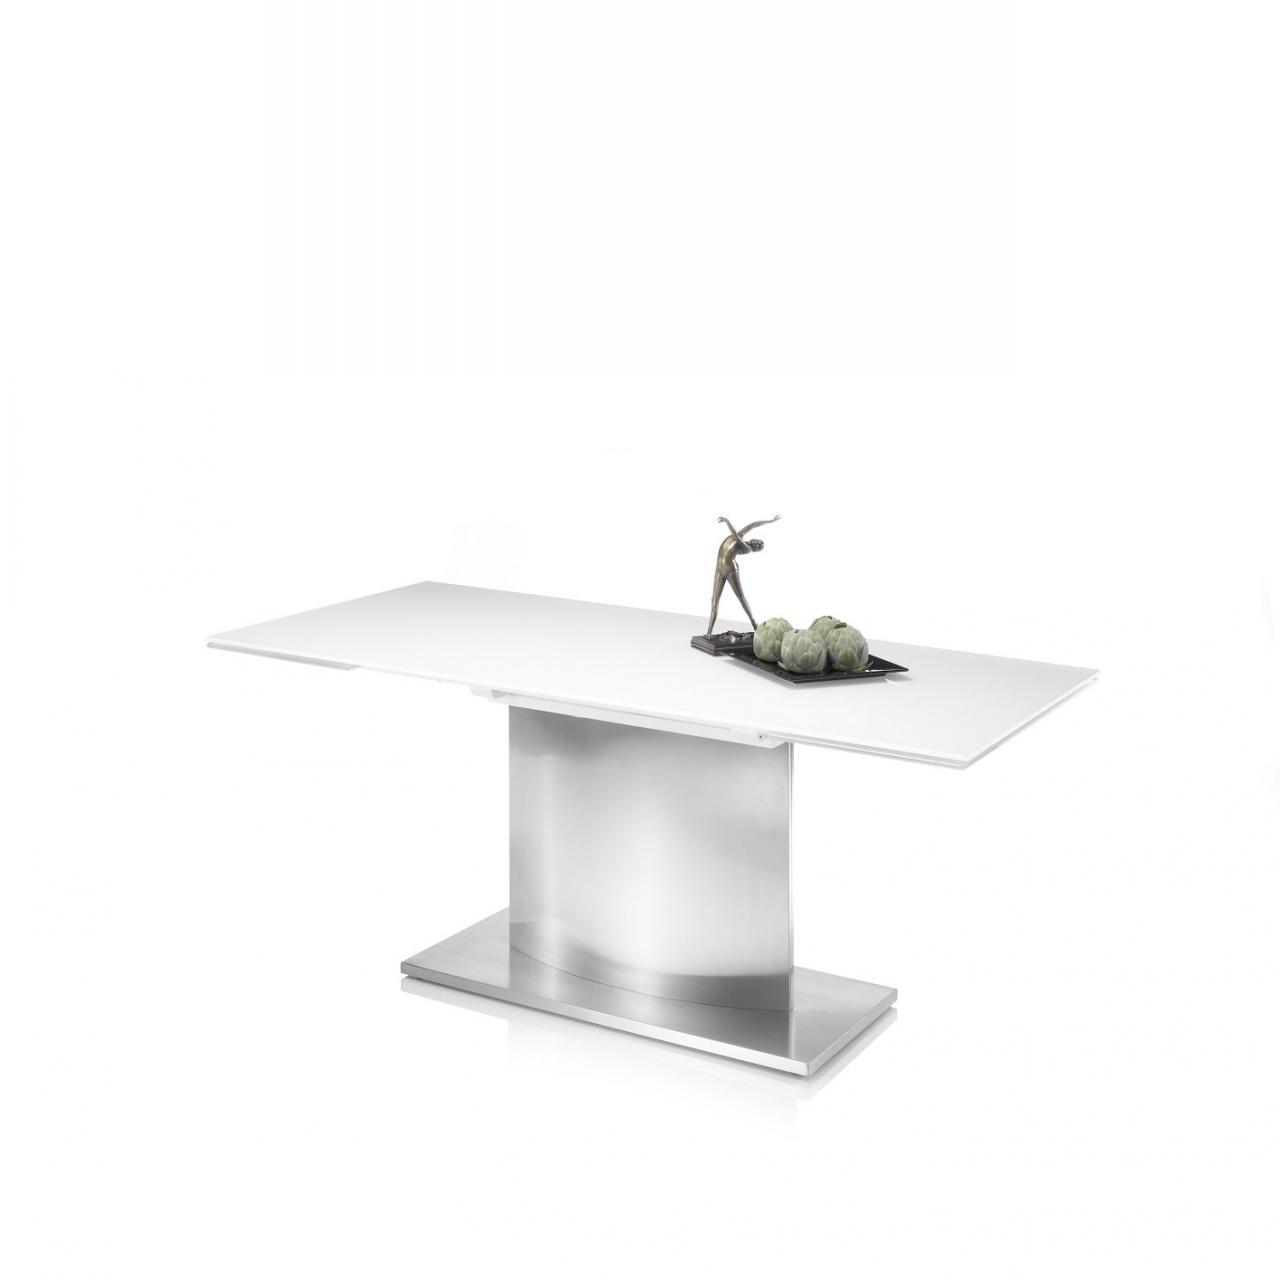 Full Size of Glas Esstisch Igor Super White Edelstahl Ausziehbar Tisch Sthle Kolonialstil Betonplatte Rustikal Landhaus Klein Quadratisch Mit Bank Kaufen Vintage Esstische Glas Esstisch